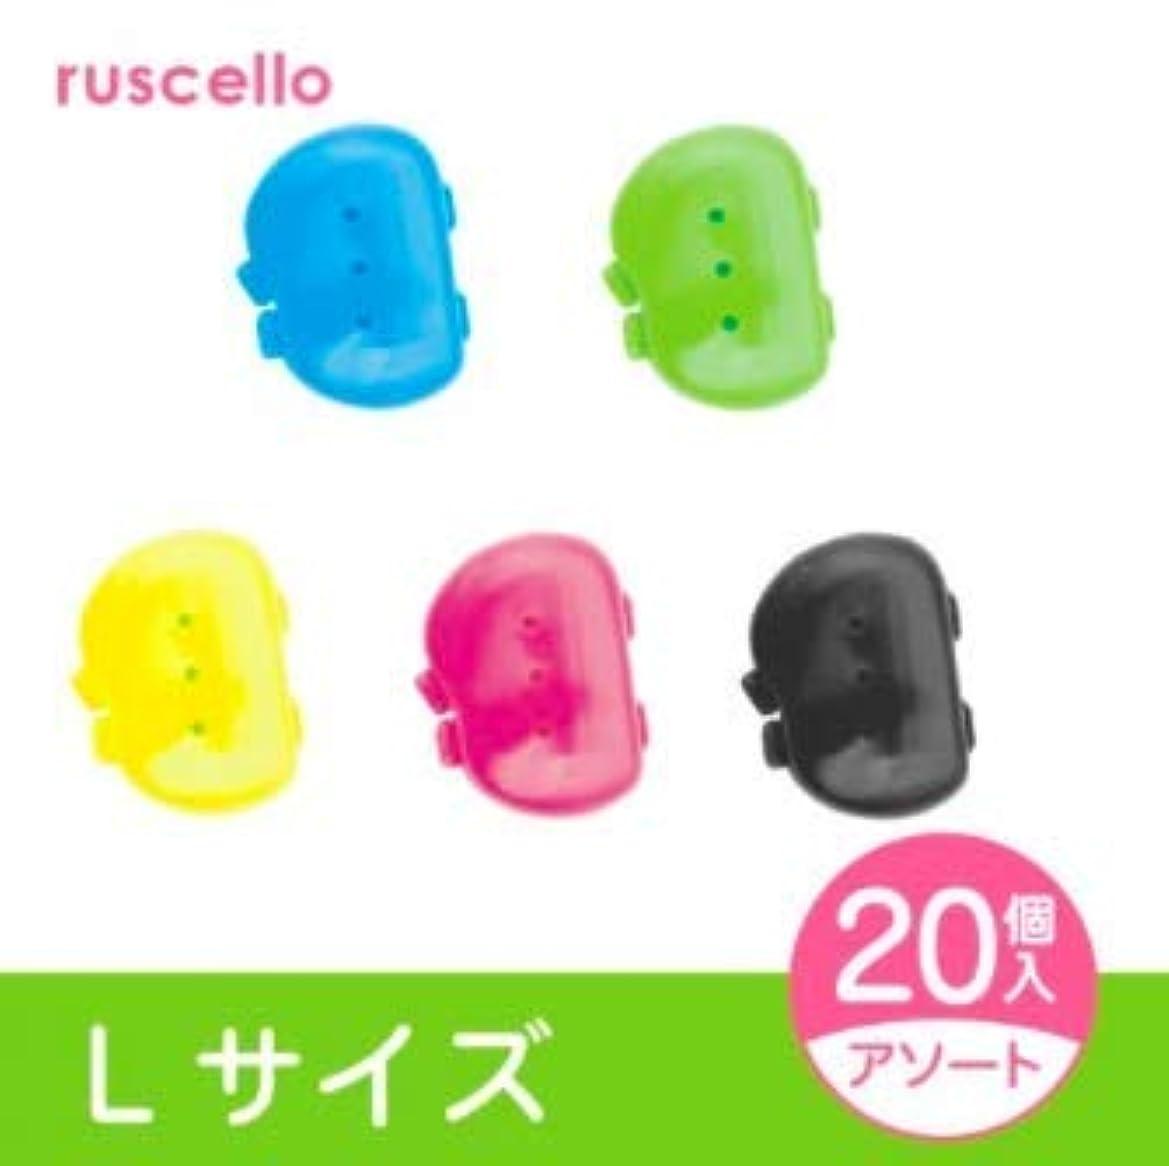 男検体ビルルシェロ 歯ブラシキャップ Lサイズ 20個セット(5色x4個セット)